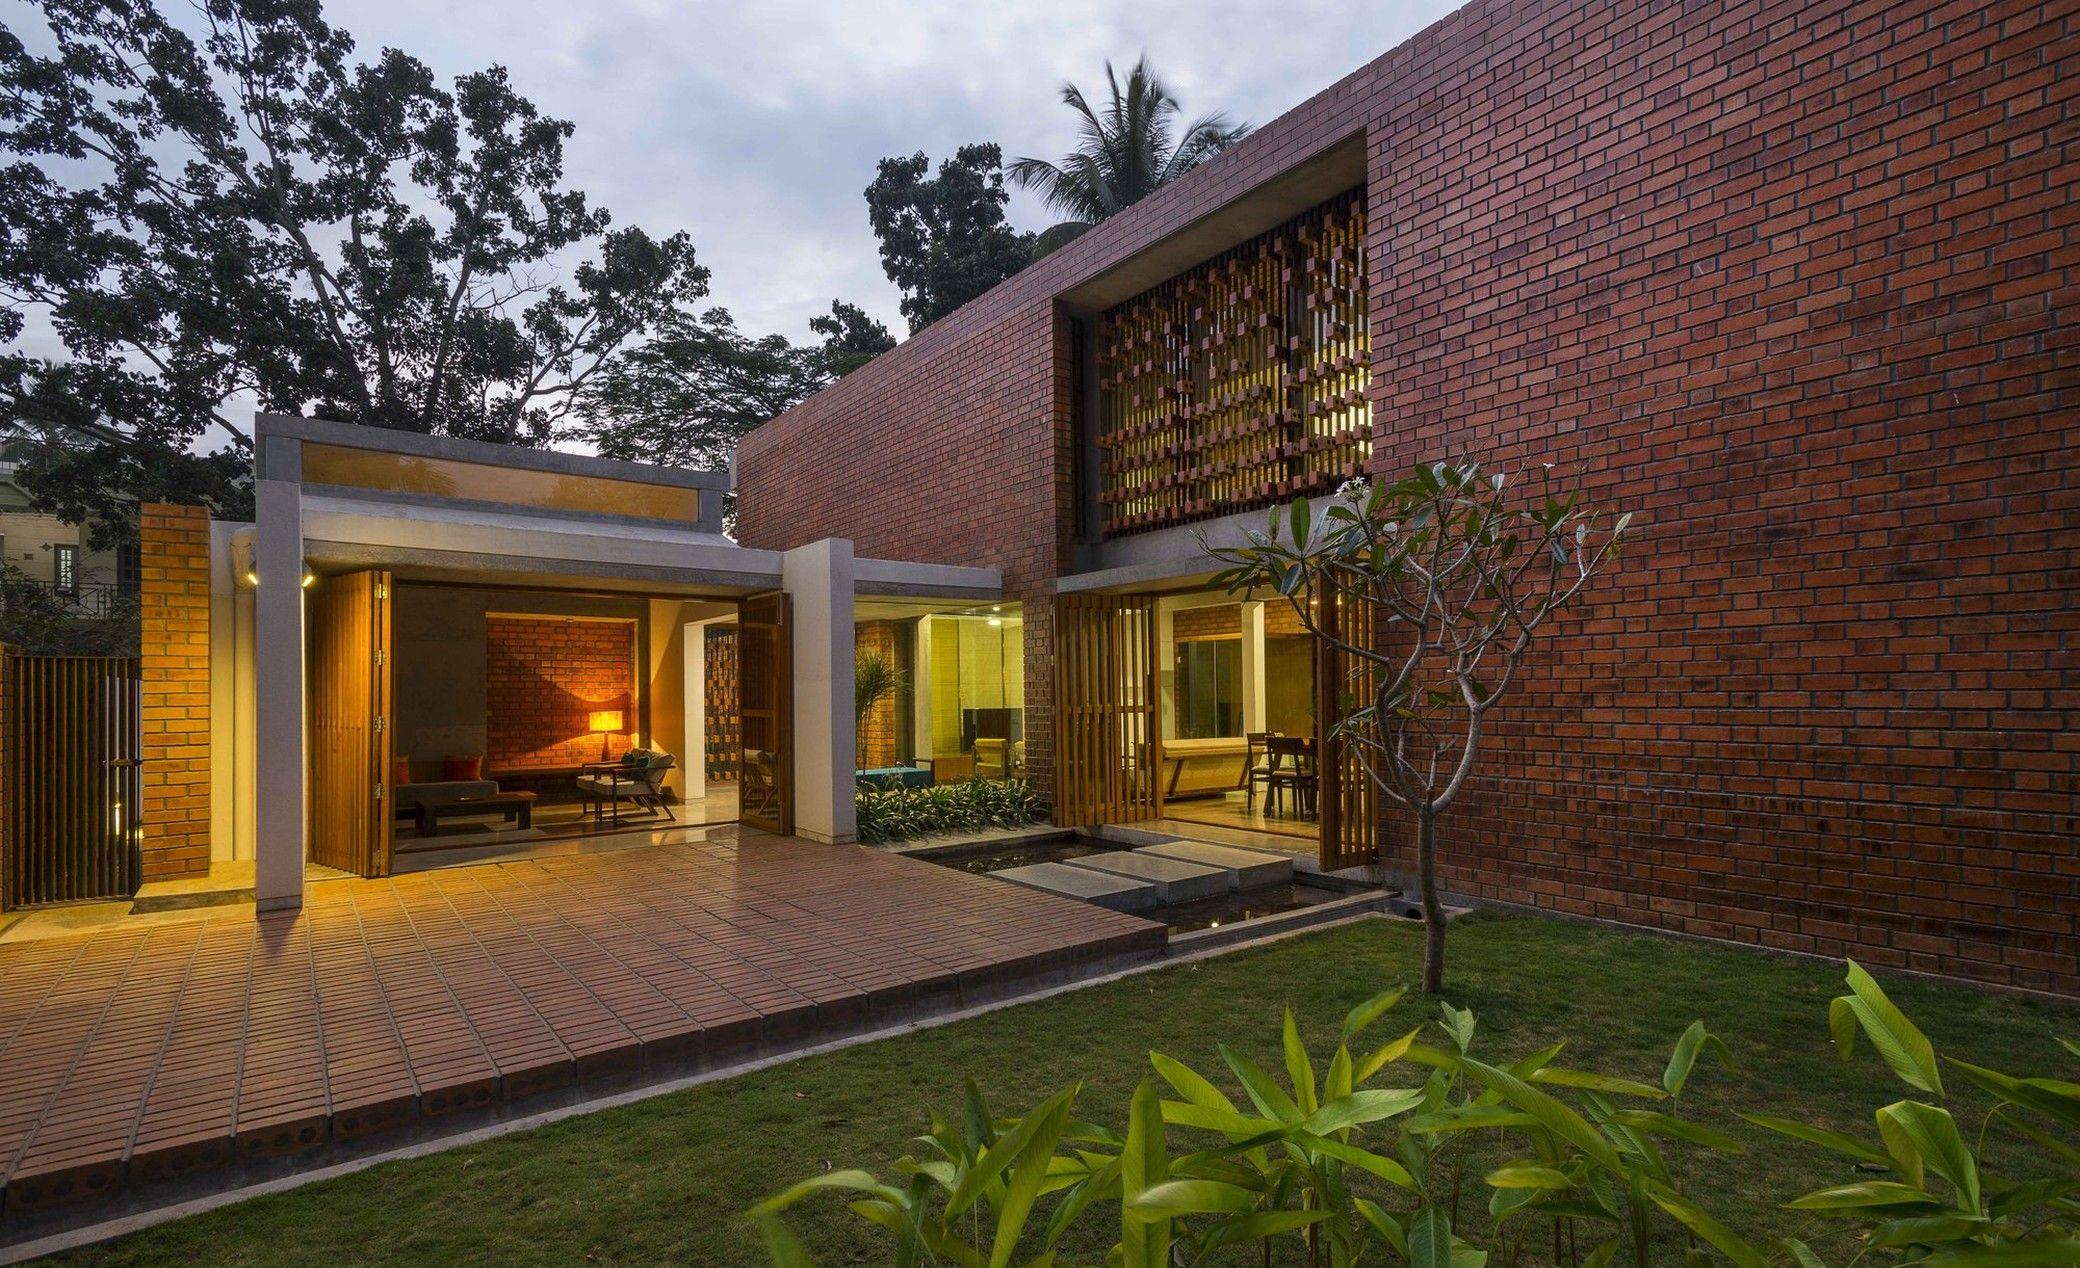 Brick House Architecture Paradigm Arch2o Com In 2020 Brick